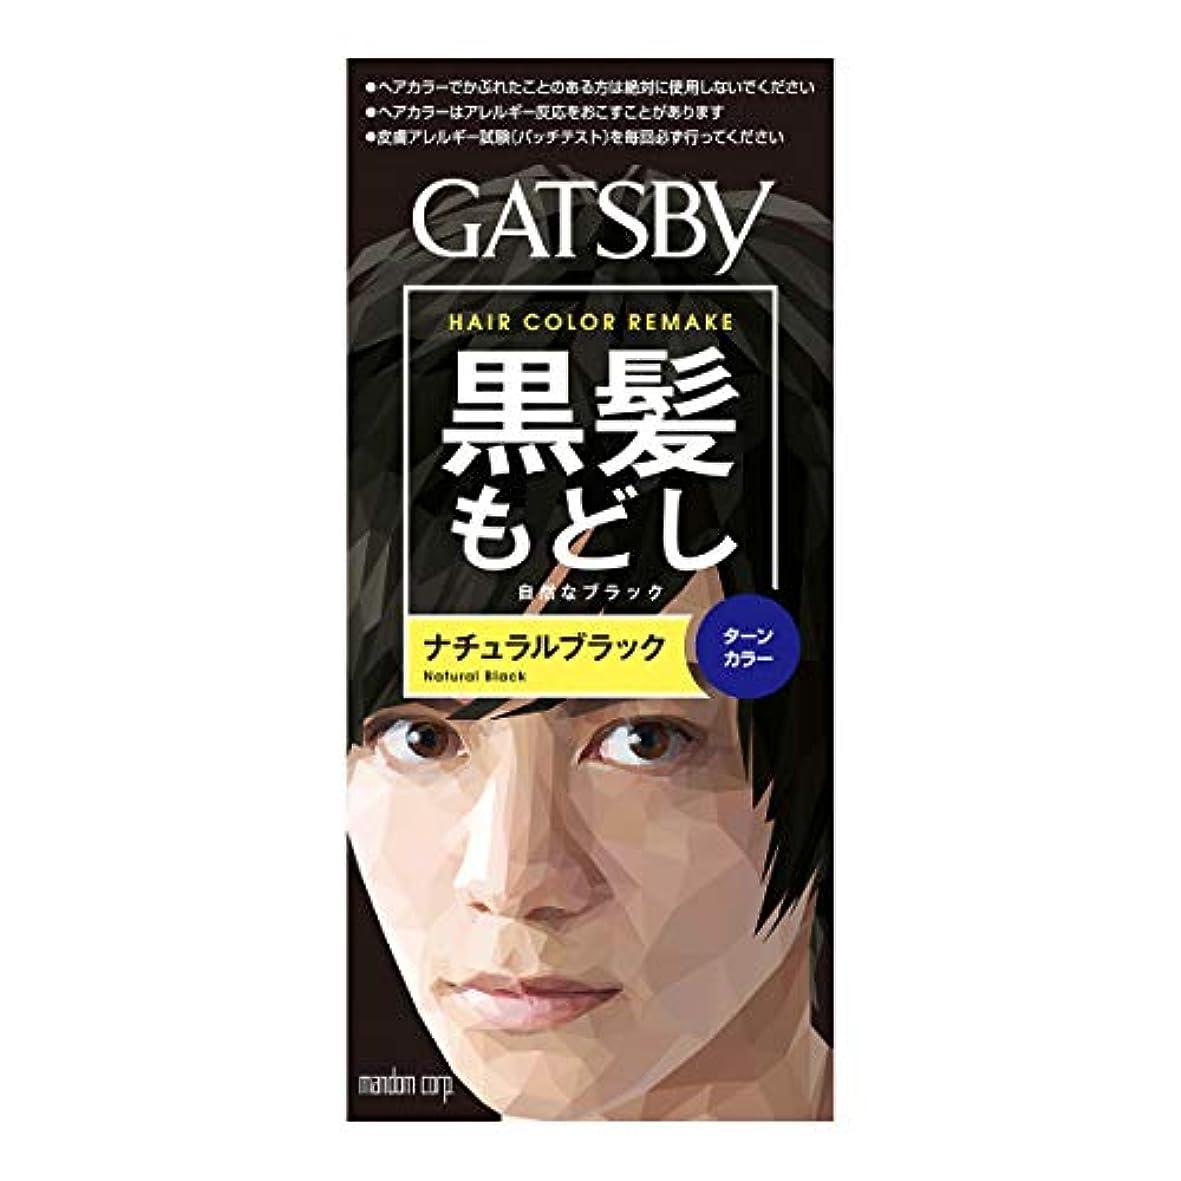 雪だるまを作る慣れる蒸GATSBY(ギャツビー) ターンカラー ナチュラルブラック 1剤35g 2剤70mL (医薬部外品)